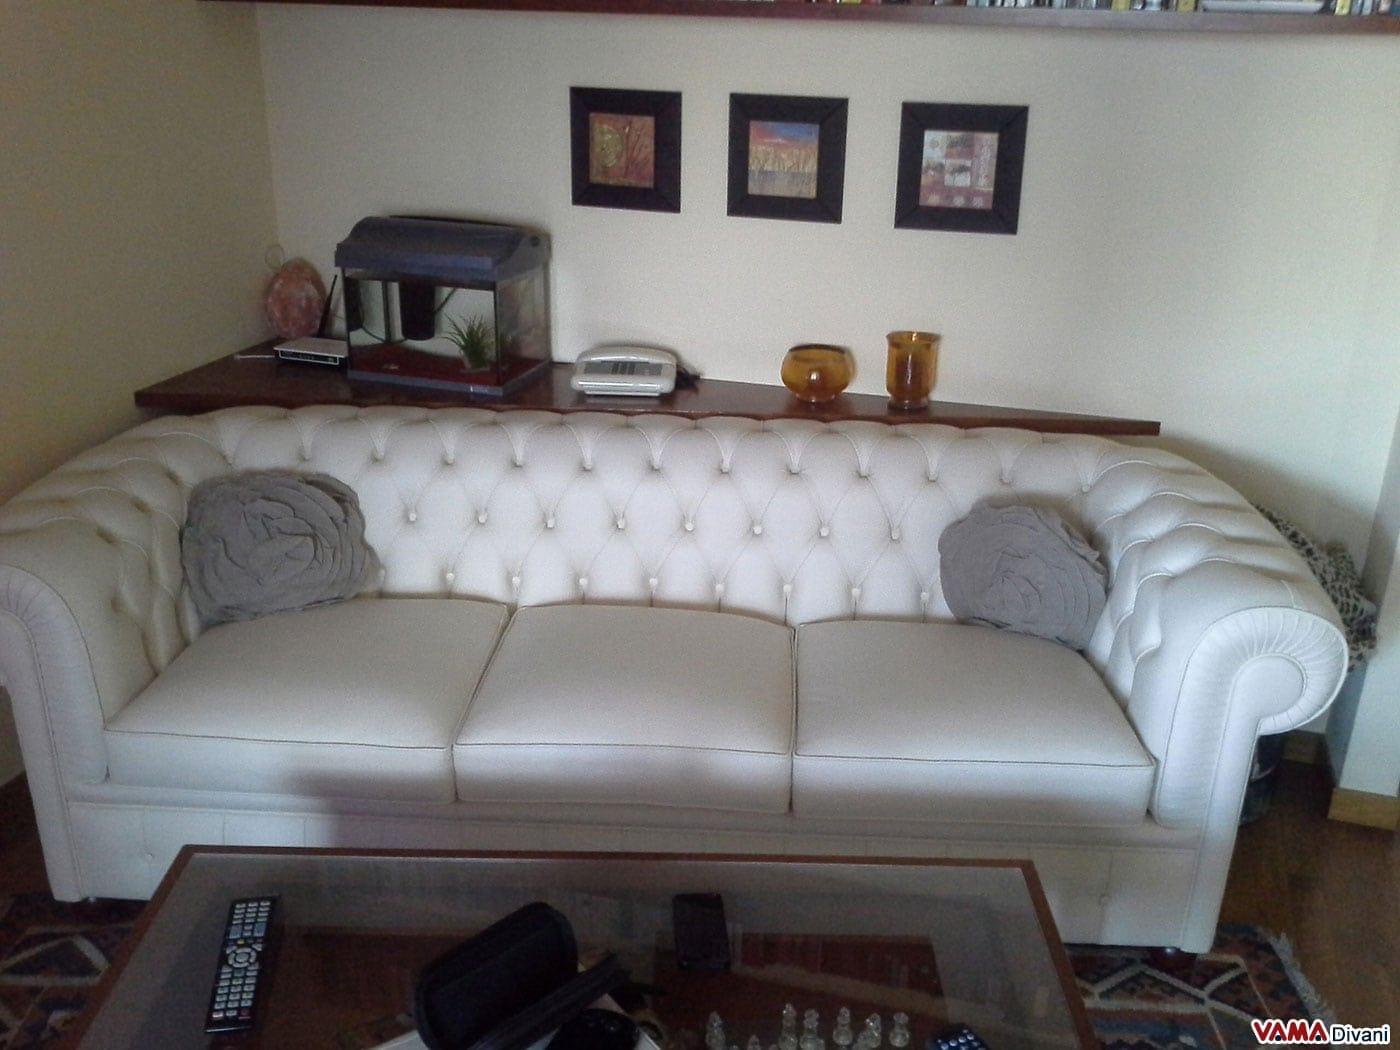 Divano letto bianco usato design casa creativa e mobili - Divano letto matrimoniale usato ...